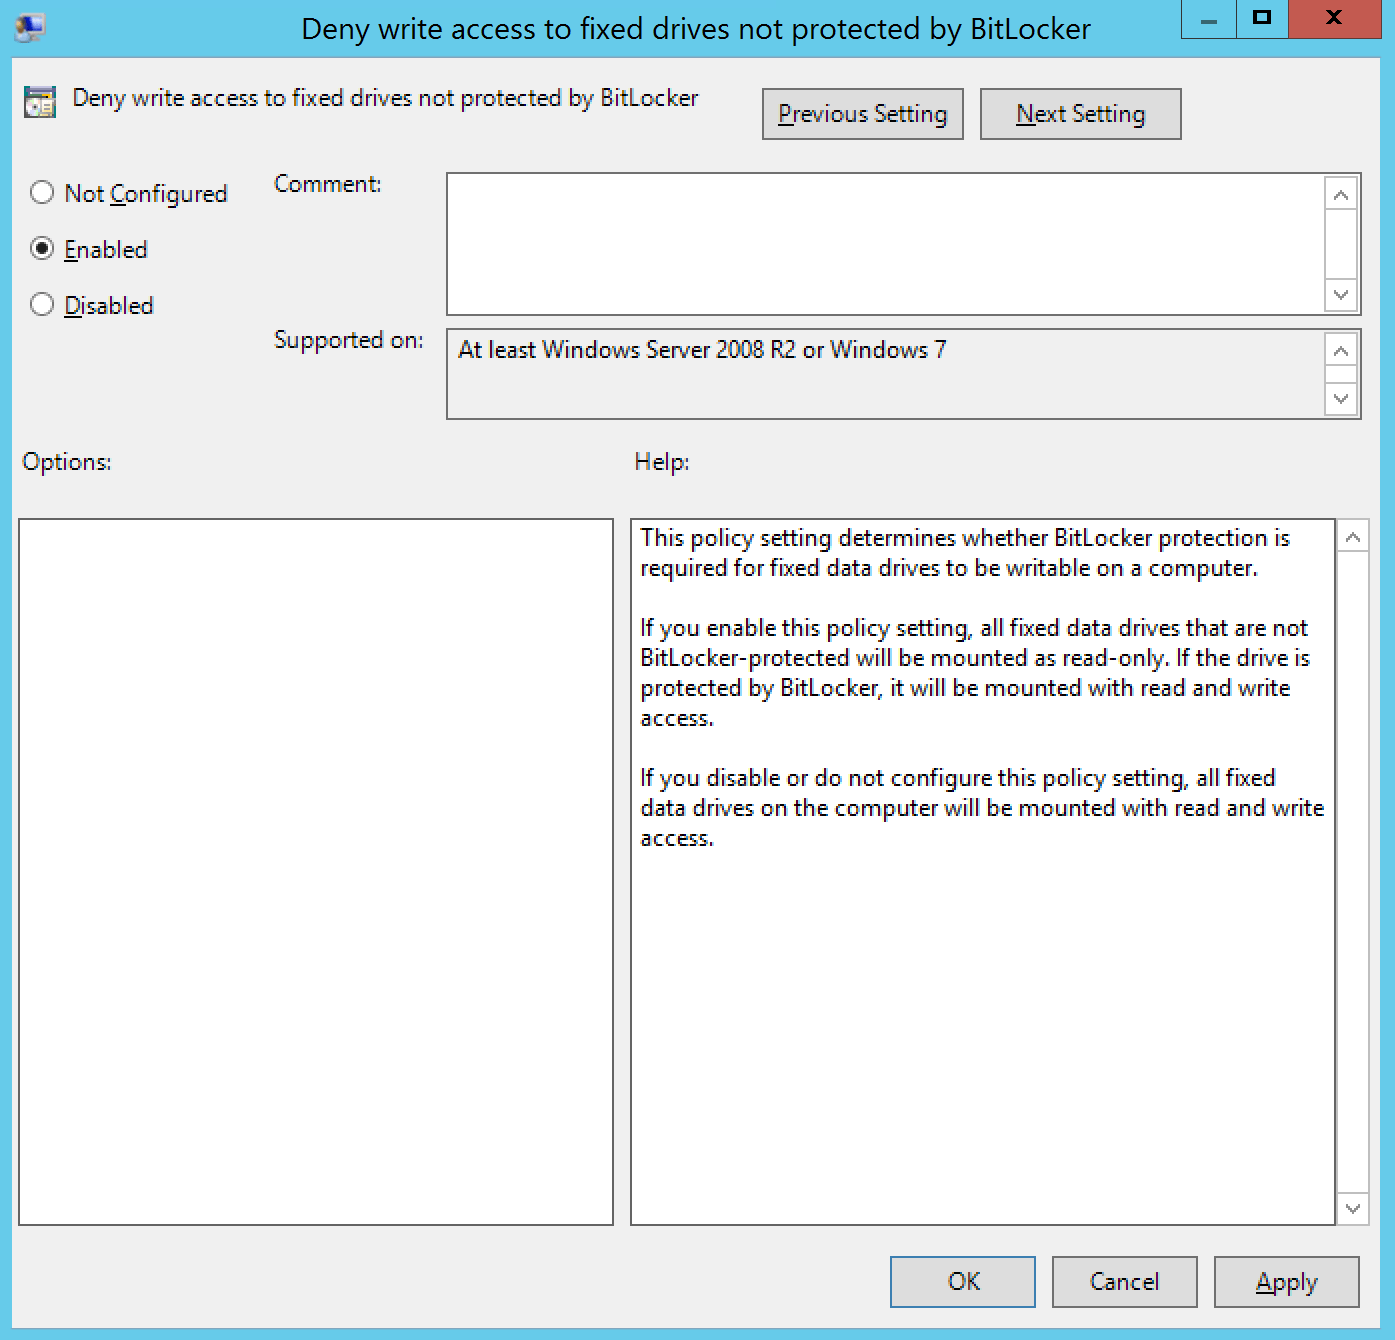 Deny Write access to fixed drives